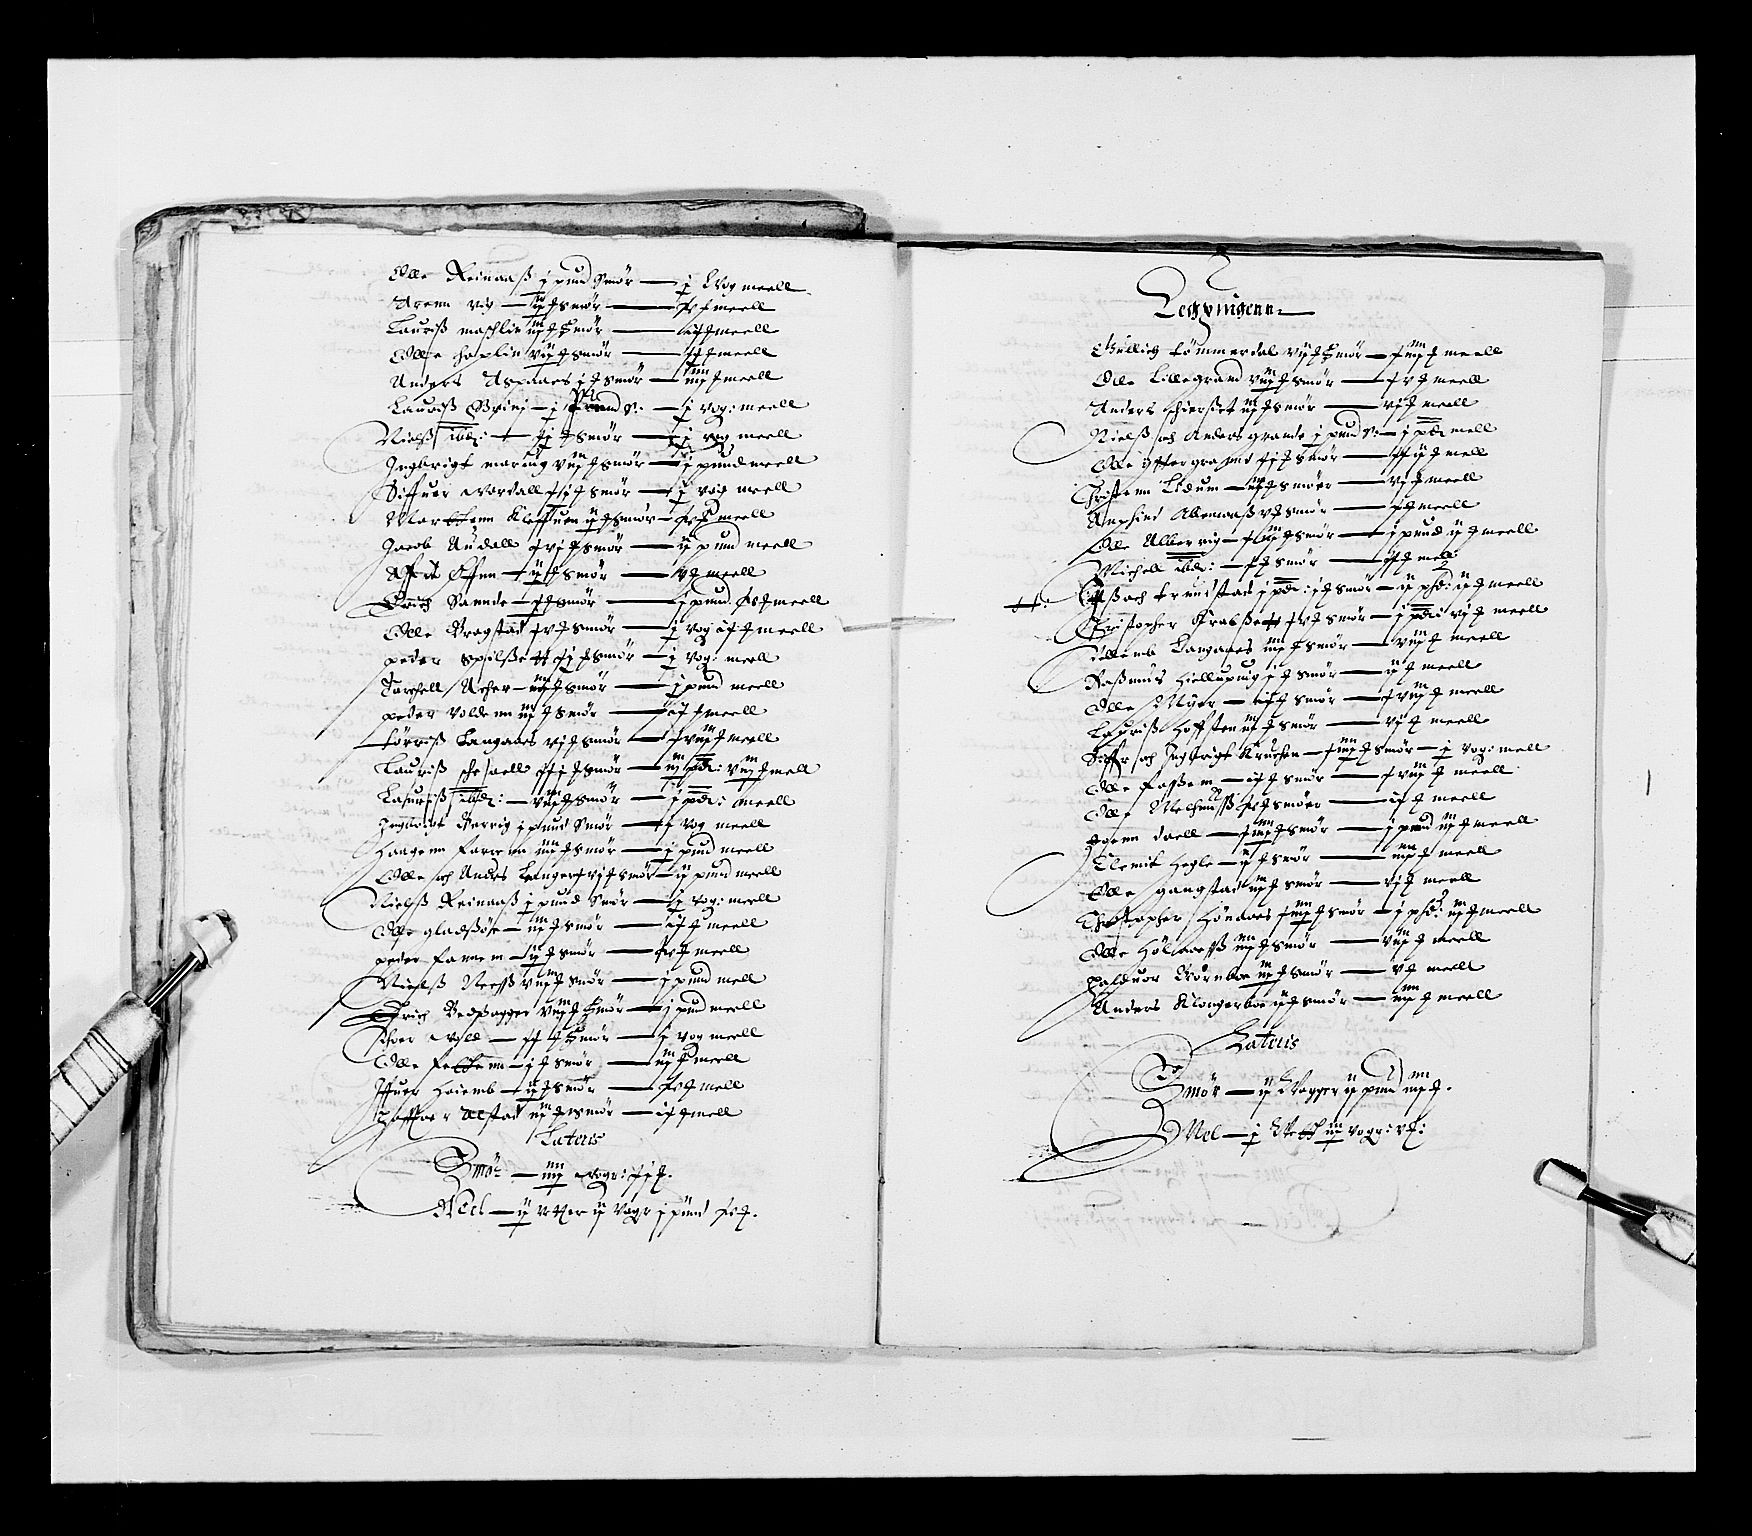 RA, Stattholderembetet 1572-1771, Ek/L0028: Jordebøker 1633-1658:, 1645-1646, s. 143